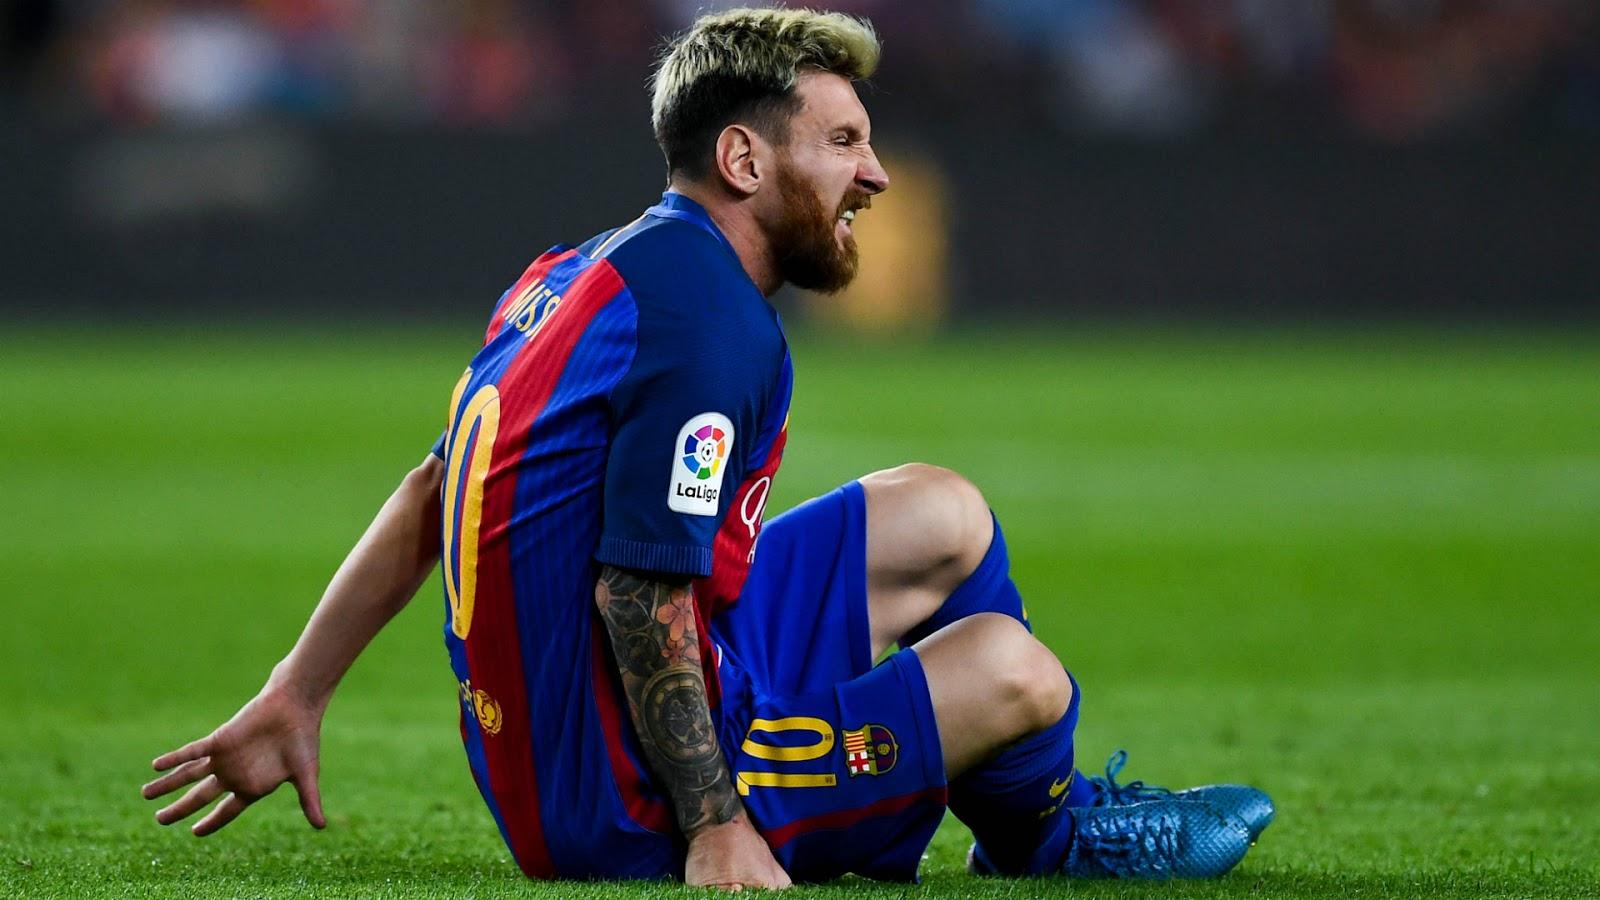 Barcelona Tanpa Messi, Real Madrid Otomatis Raih Angka di El Clasico